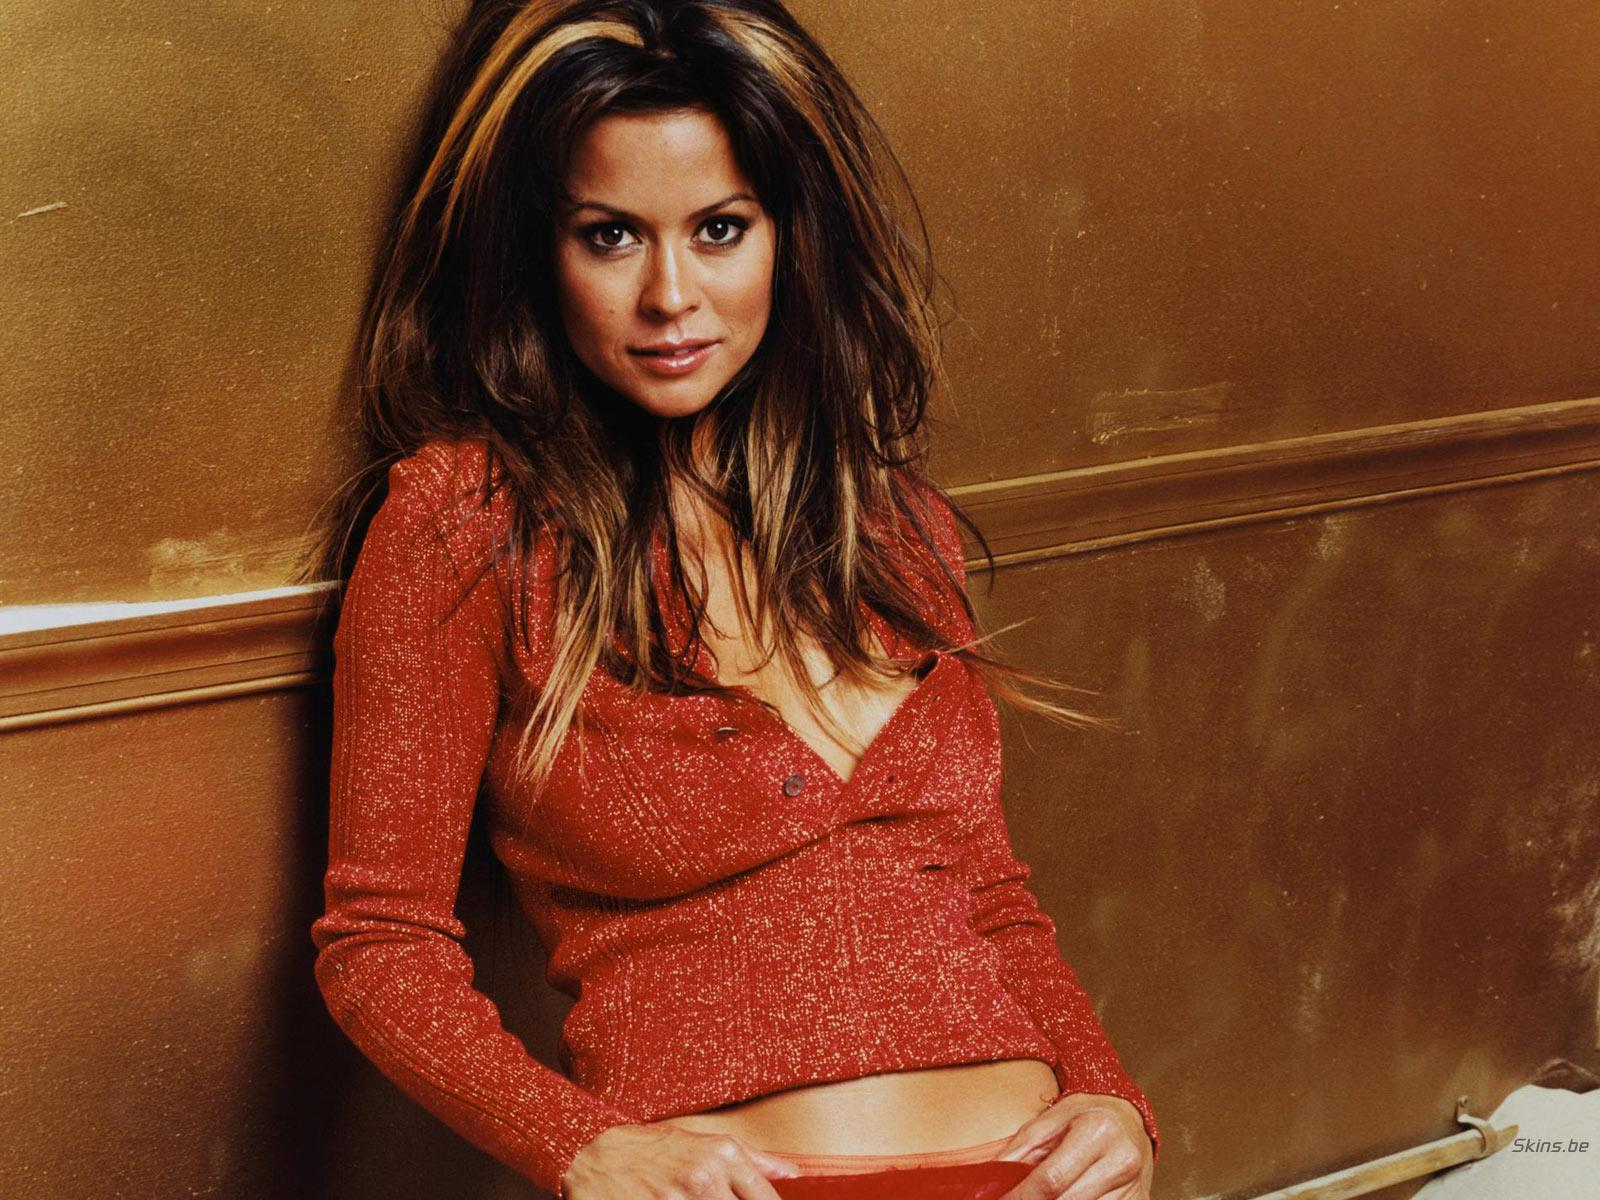 50 hot hollywood celebrity babes desktop wallpapers 1600 - Hollywood desktop wallpapers actresses ...